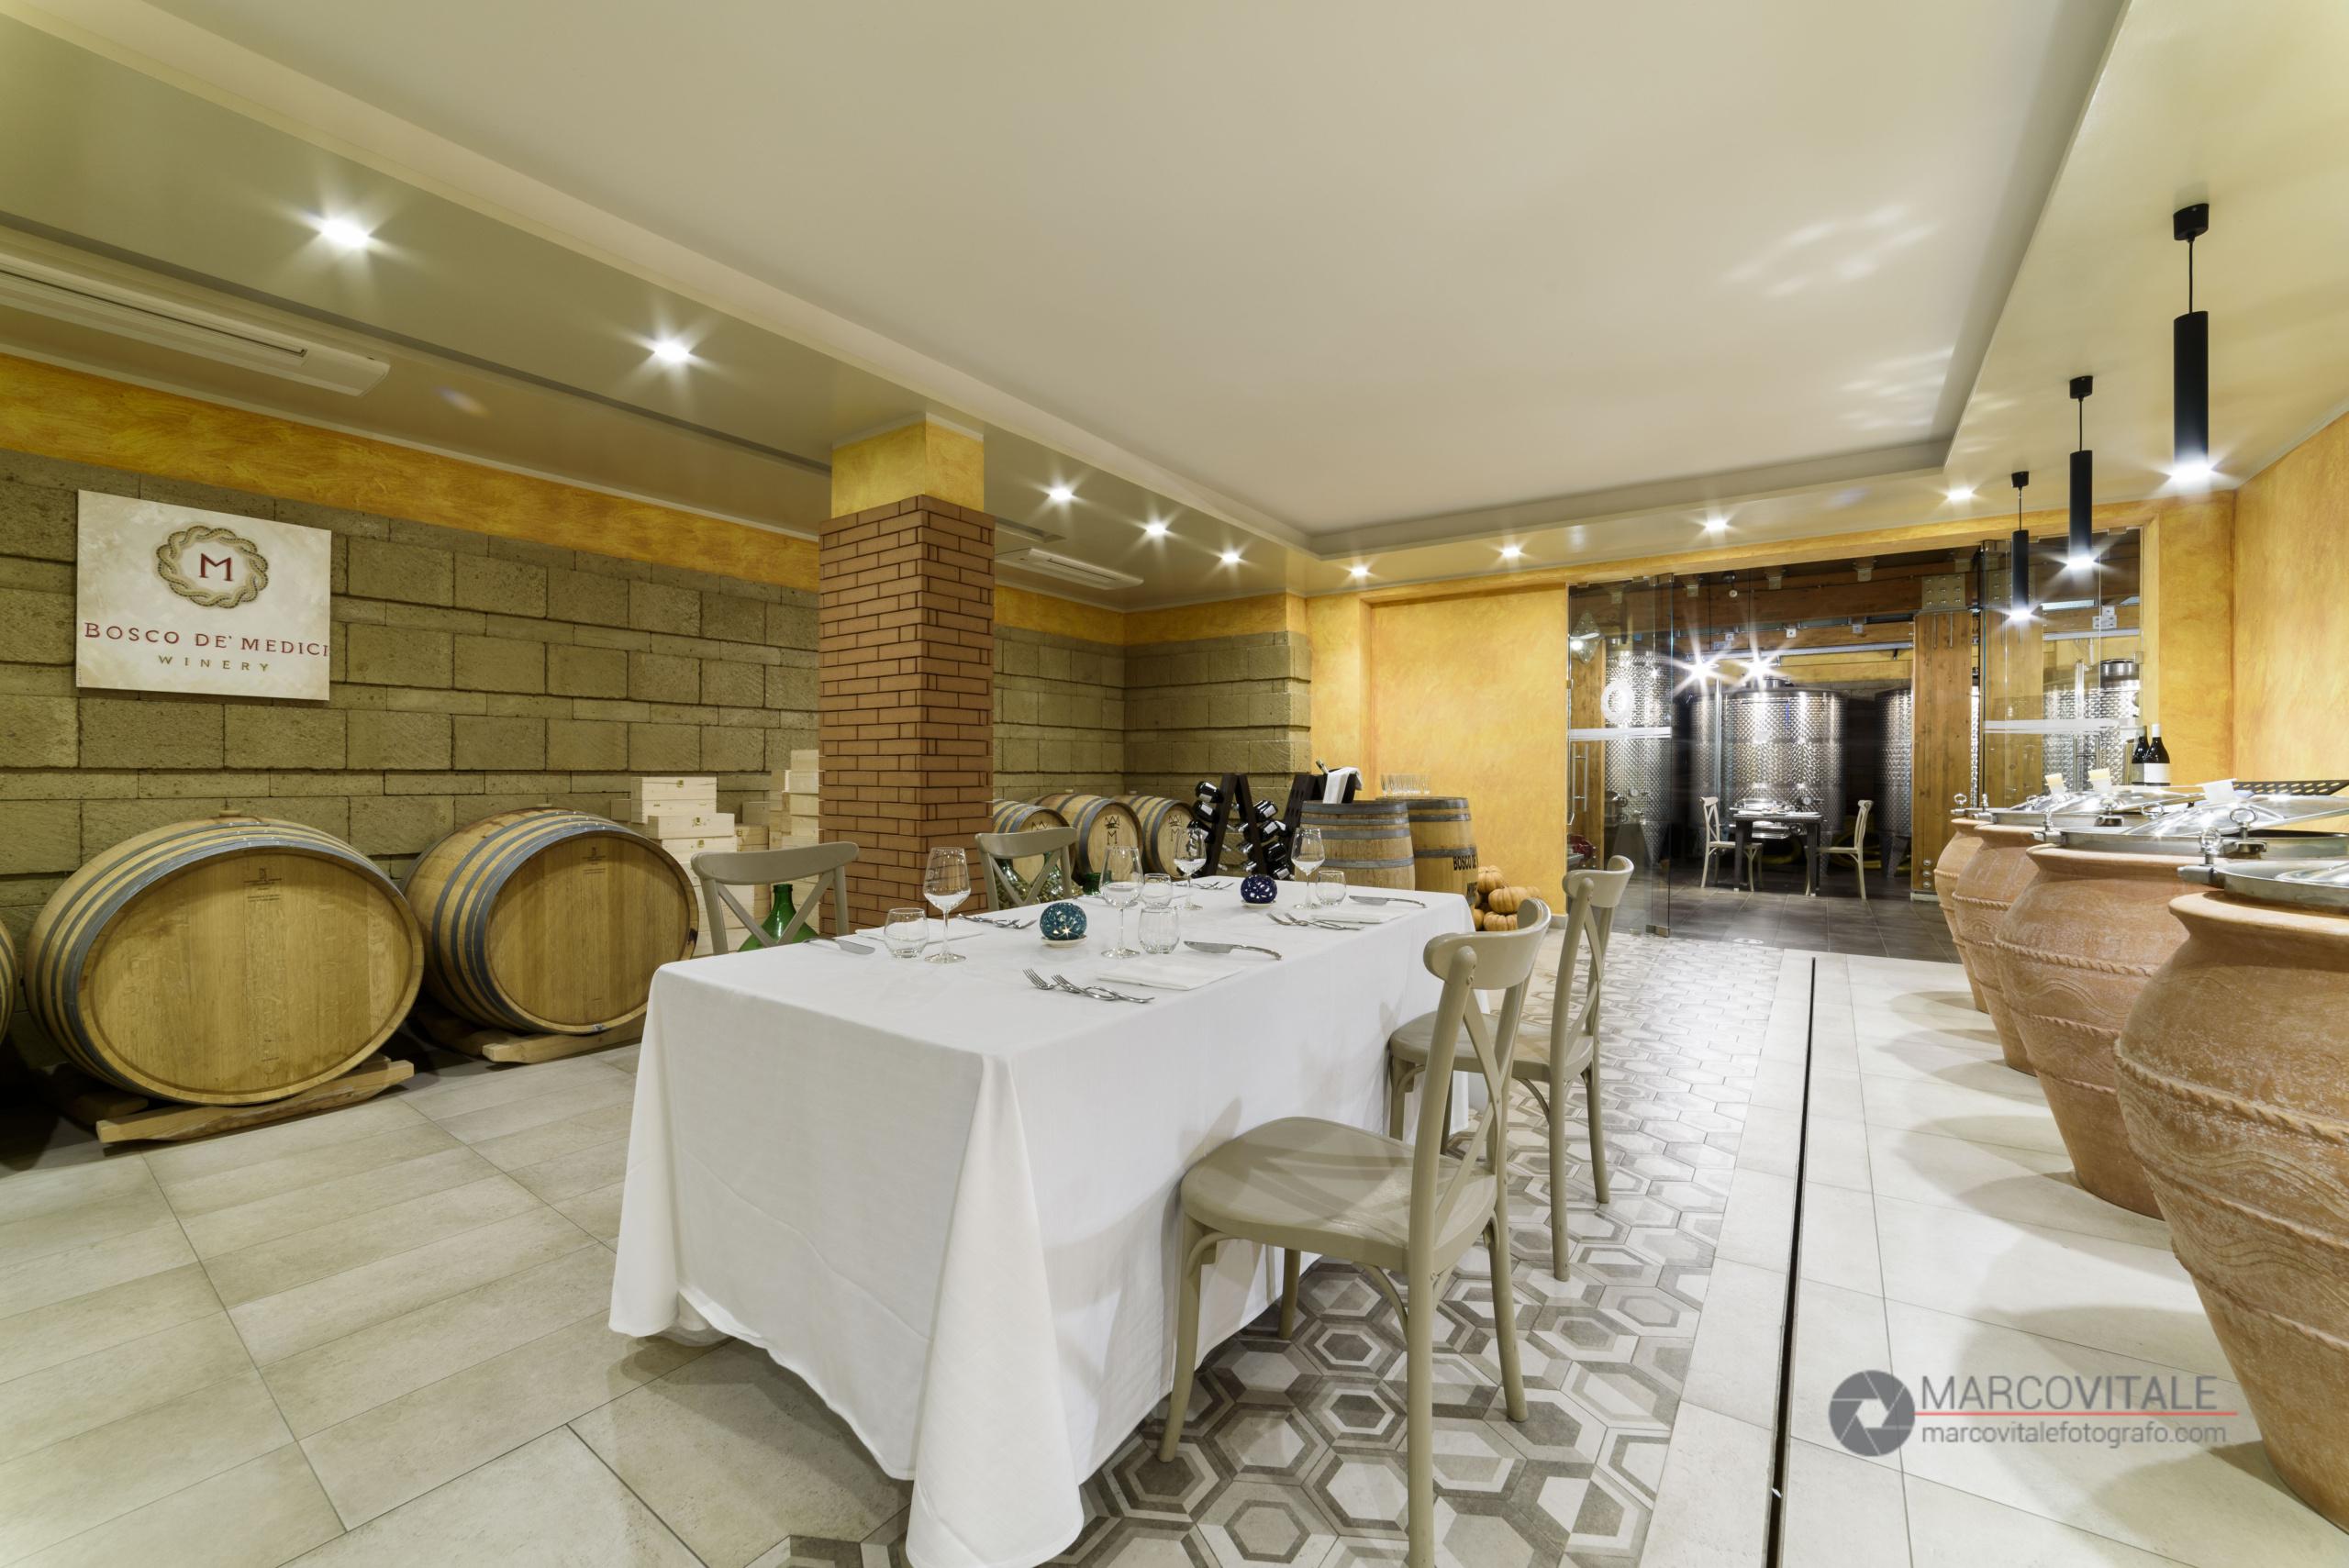 Servizio fotografico per ristorante Bosco de Medici Winery Pompei